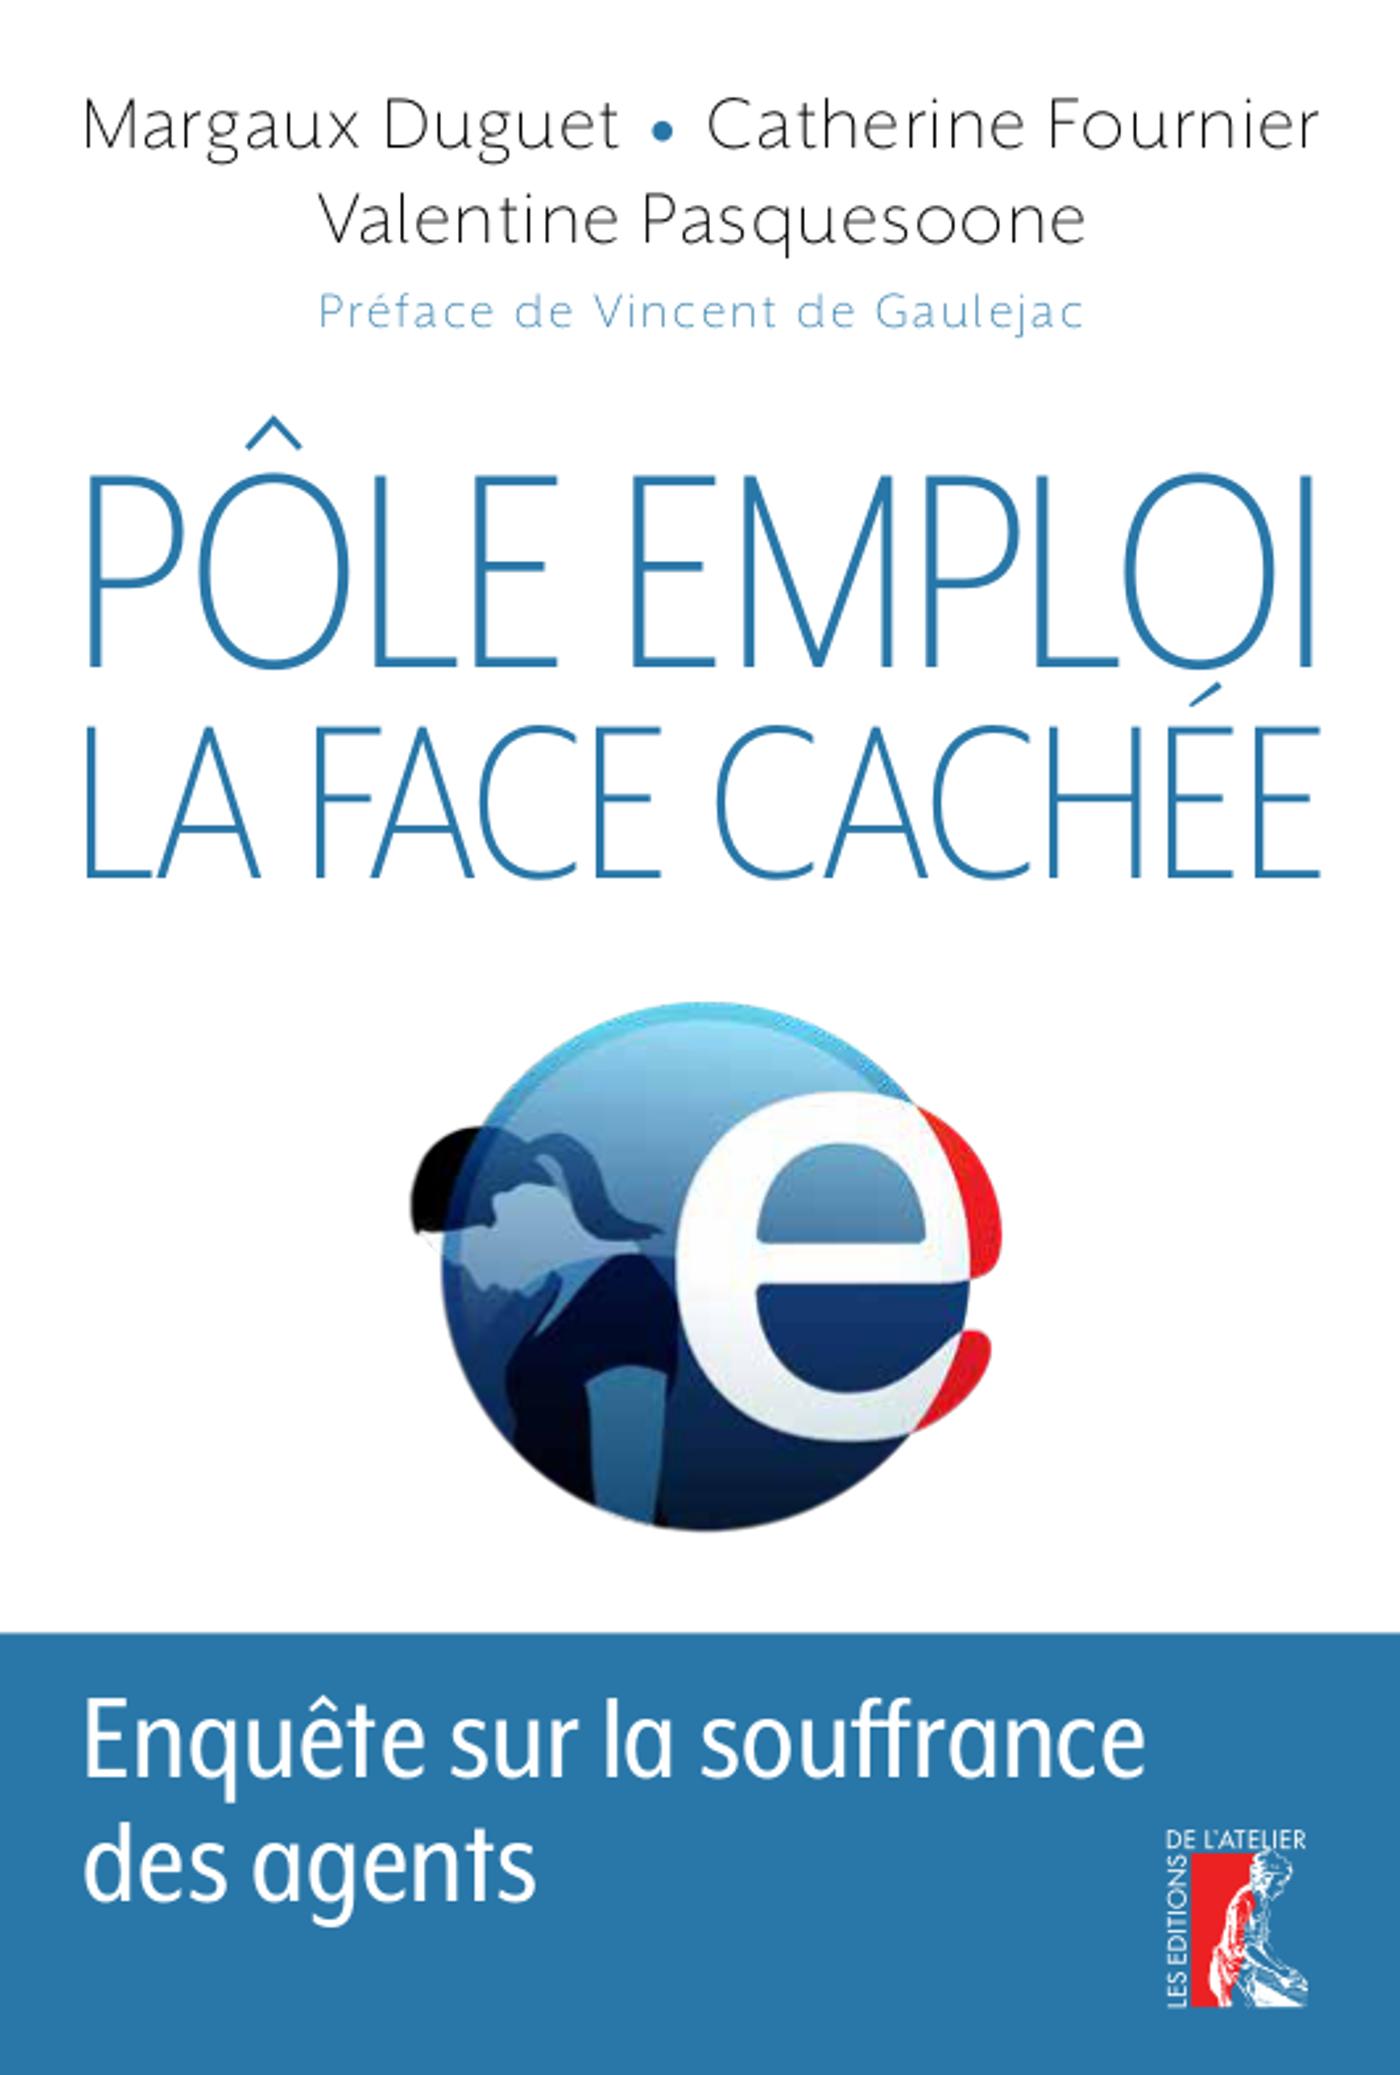 POLE EMPLOI: LA FACE CACHEE - ENQUETE SUR LA SOUFFRANCE DES AGENTS